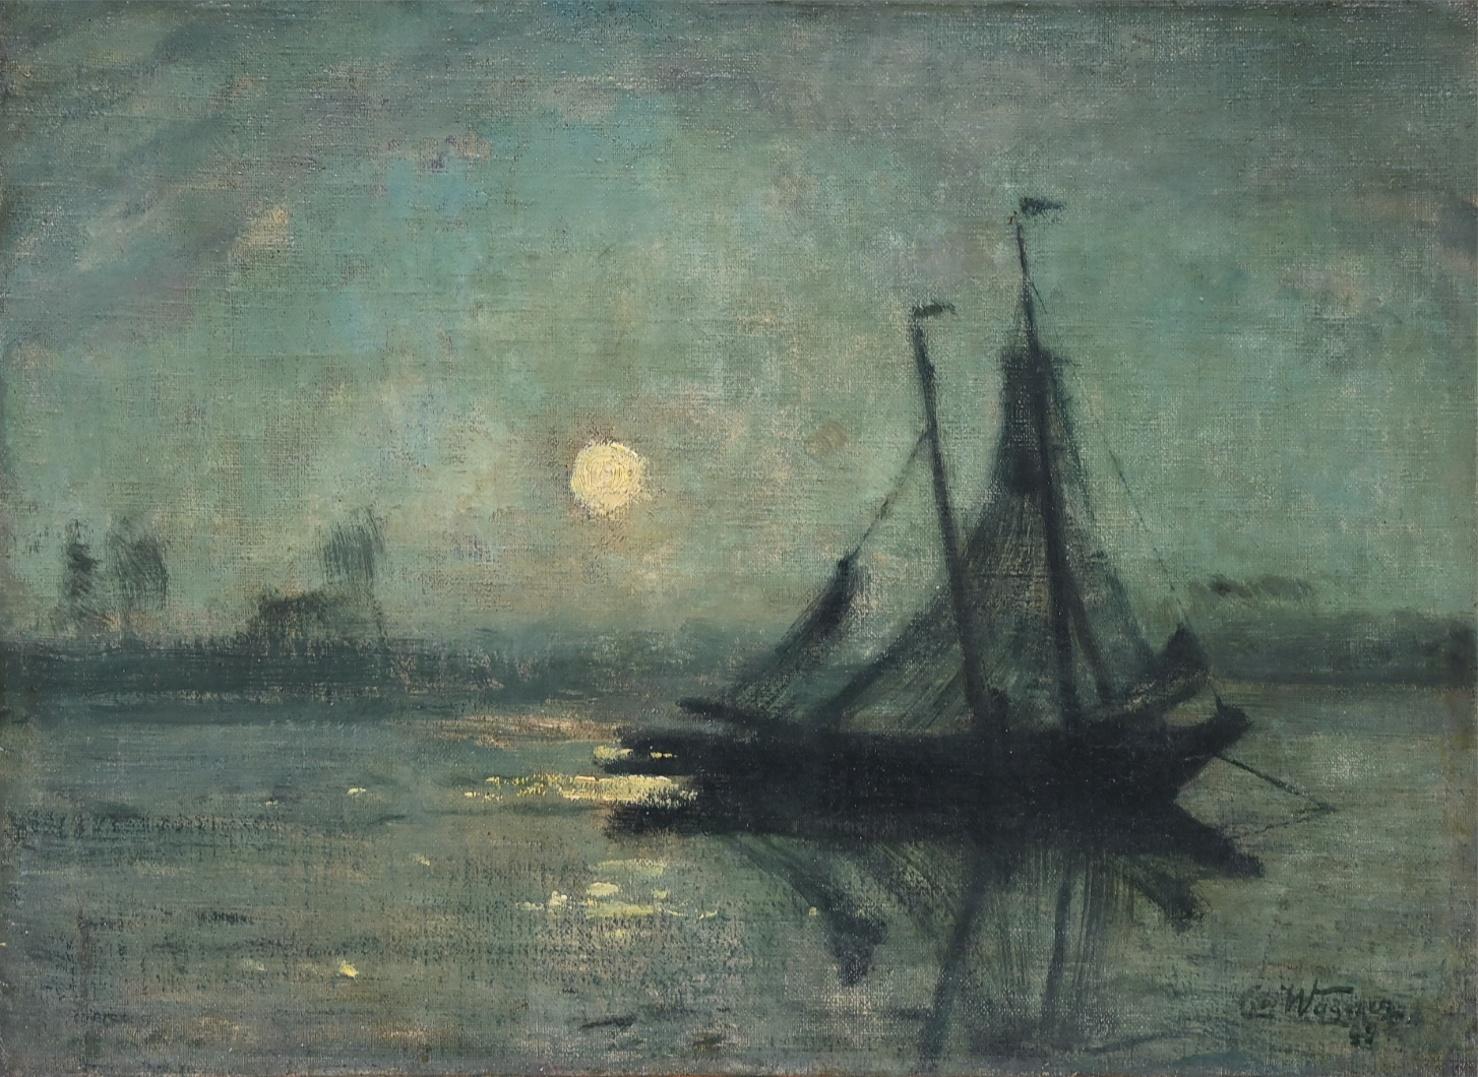 Cornelius Wagner (1870 - 1956) » Öl-Gemälde Impressionismus Landschaft Mond Nacht Düsseldorfer Malerschule